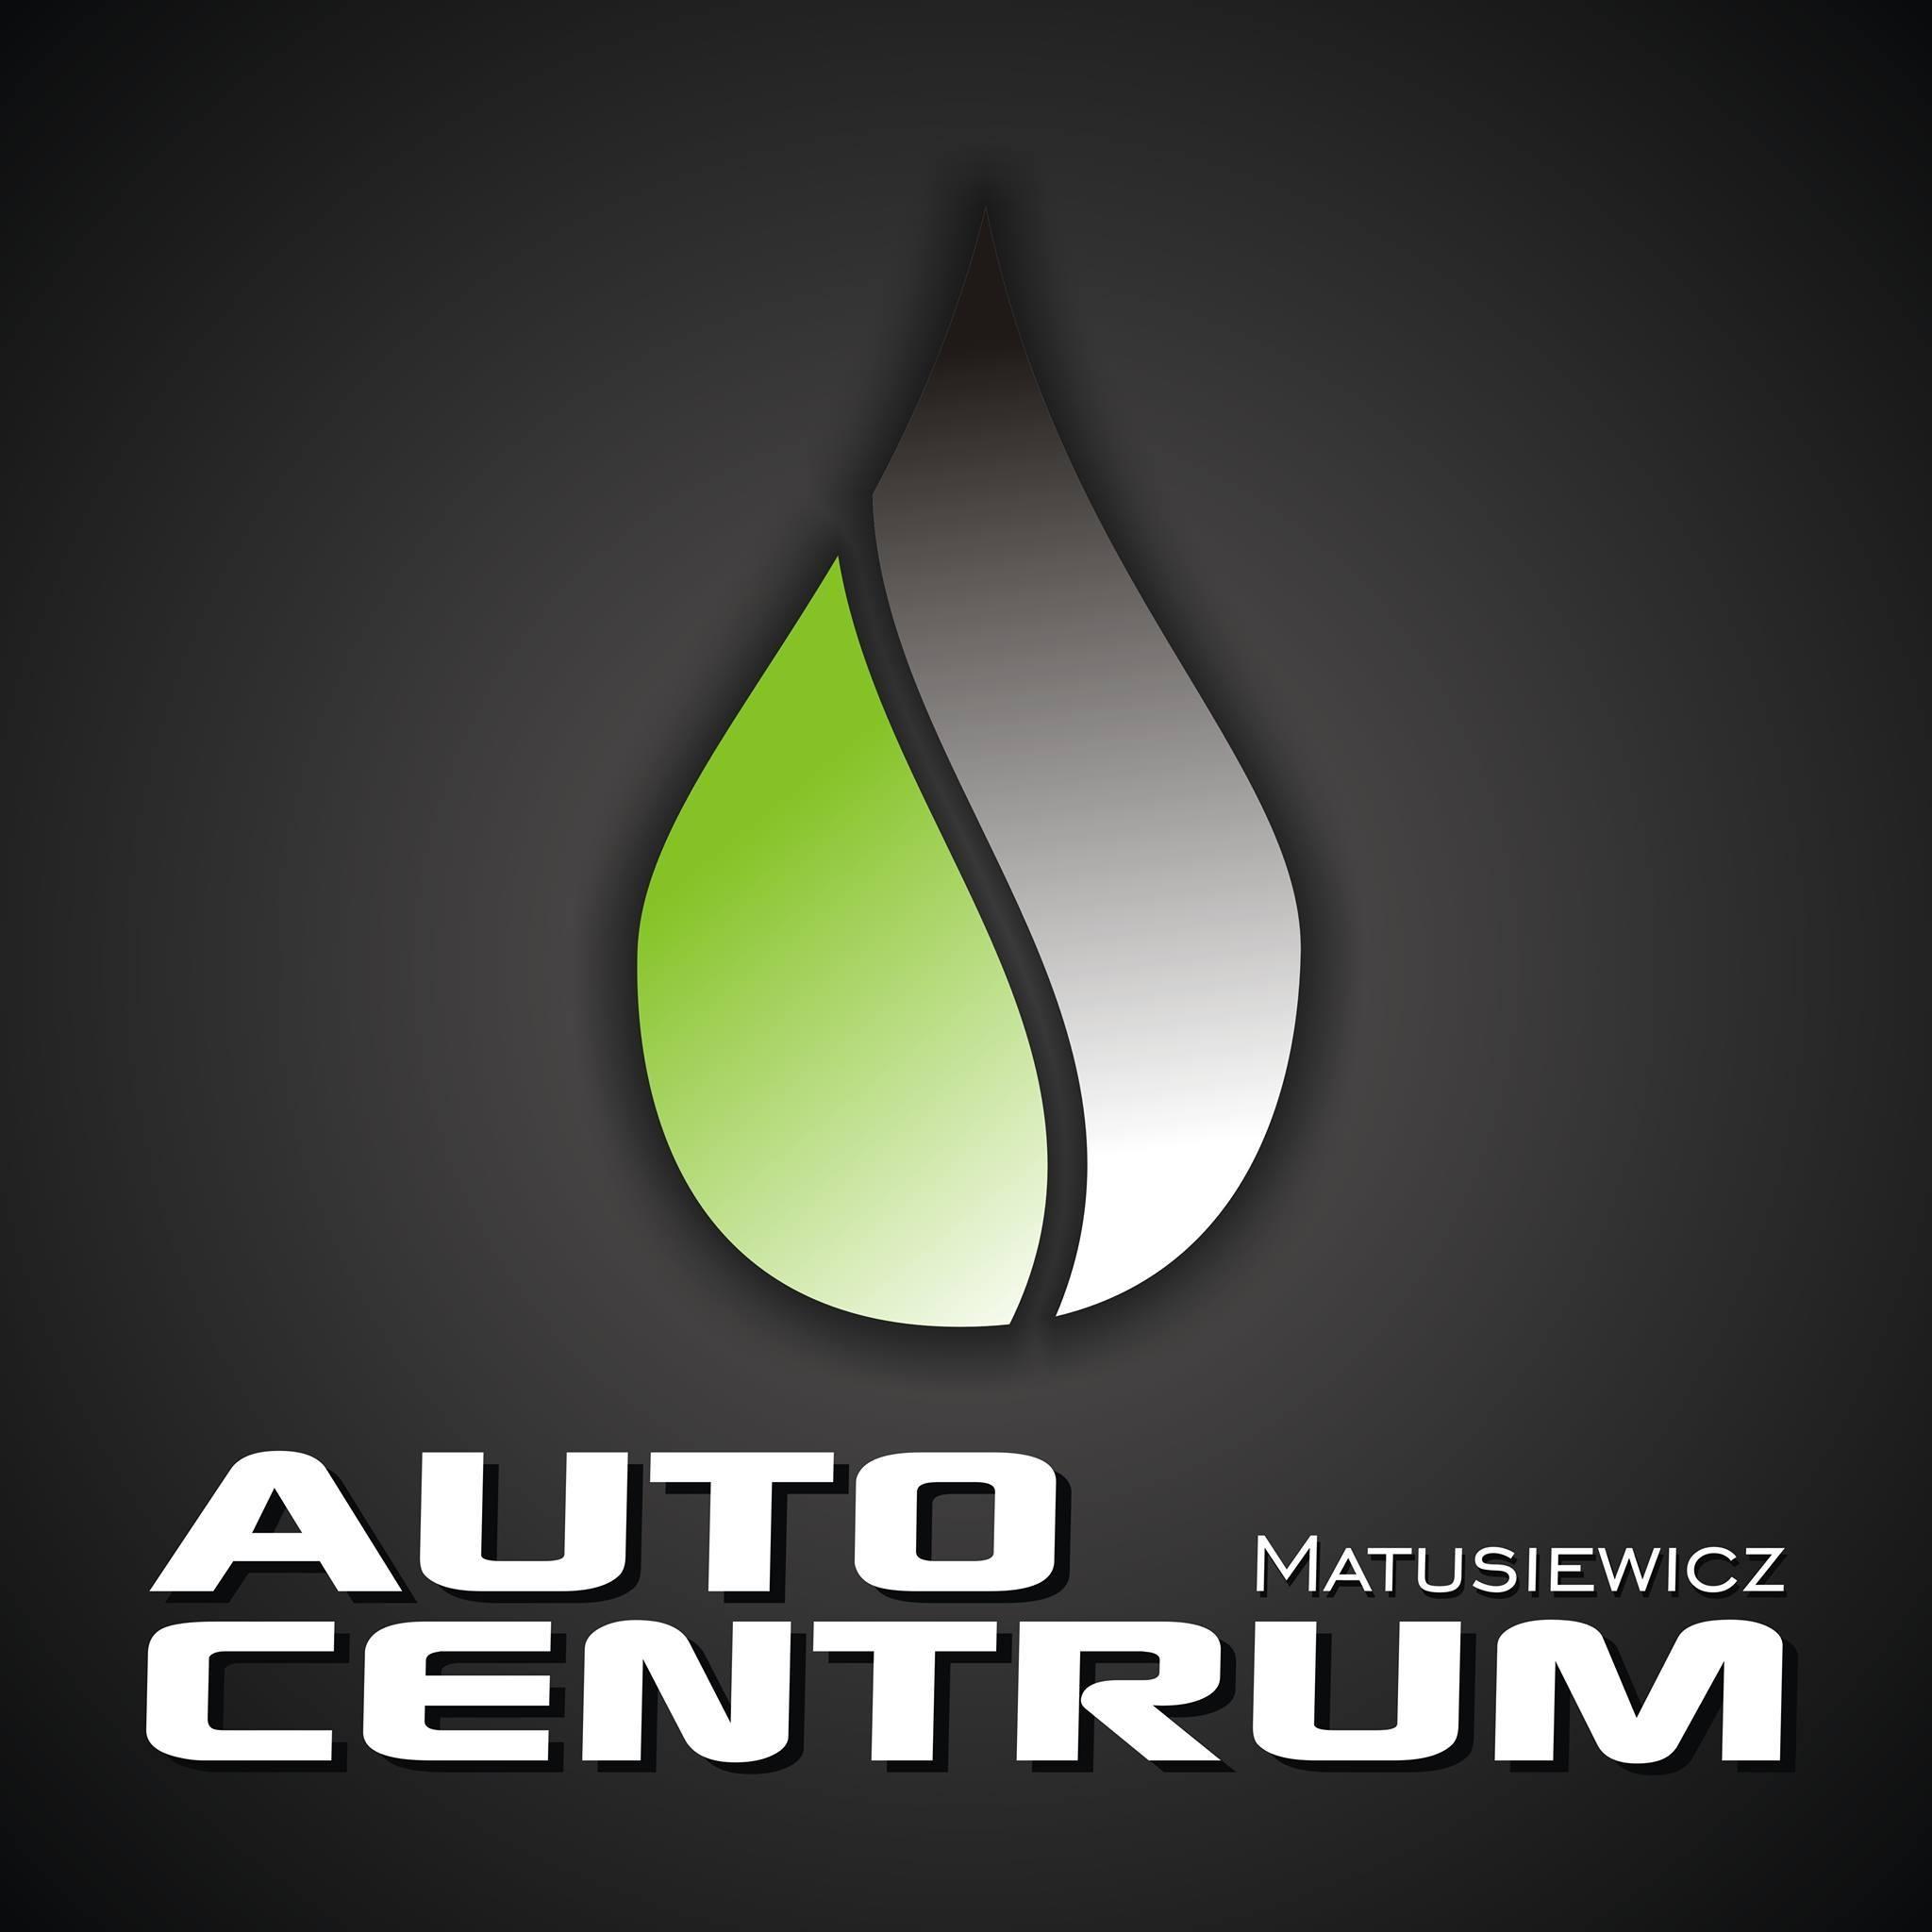 Auto Centrum Matusiewicz - Sklep motoryzacyjny Wrocław